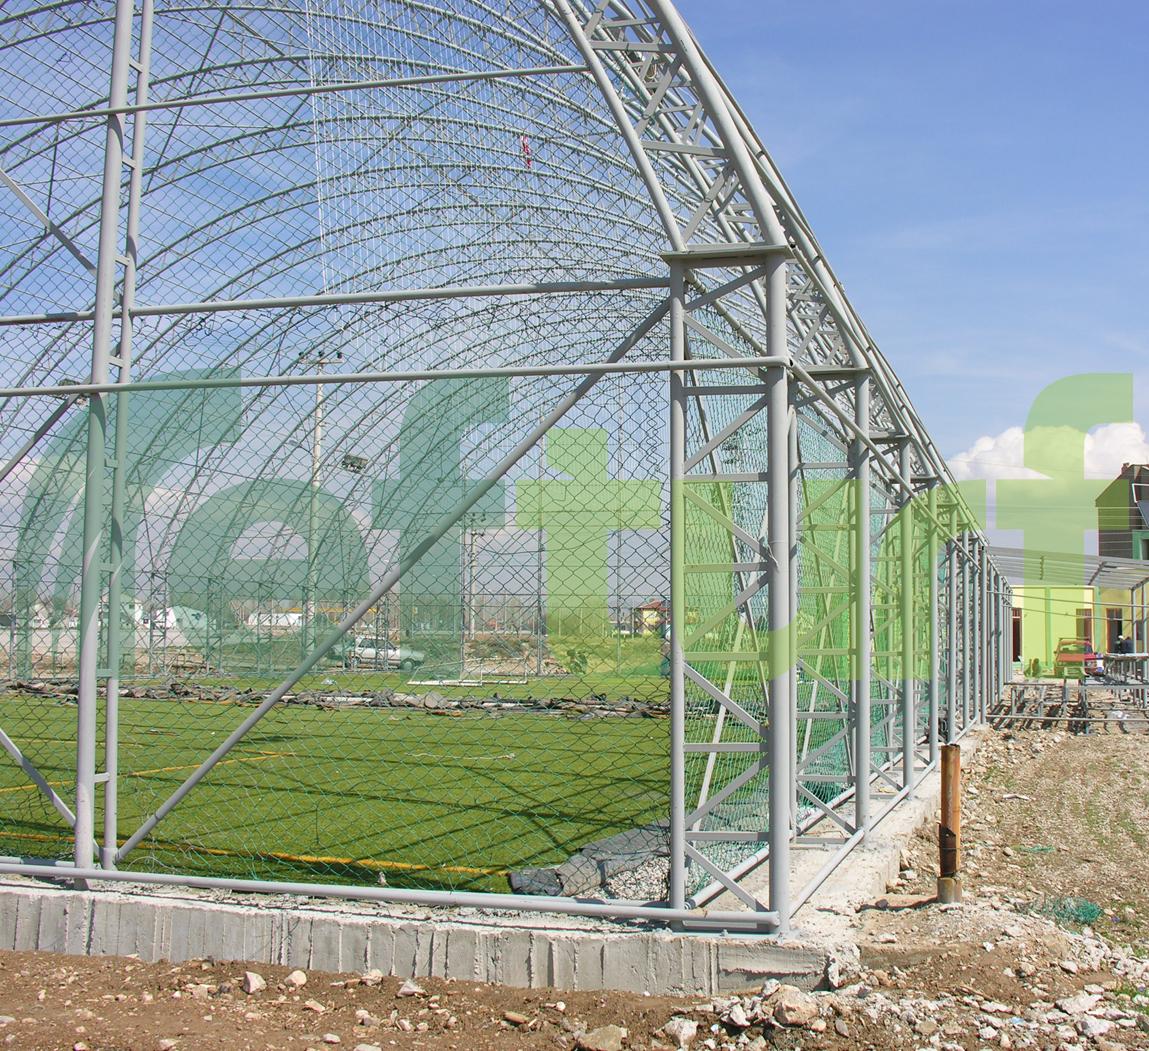 halı saha yatırımı, halı saha yatırım maliyeti, halı saha yapımı, halısaha inşaatı,